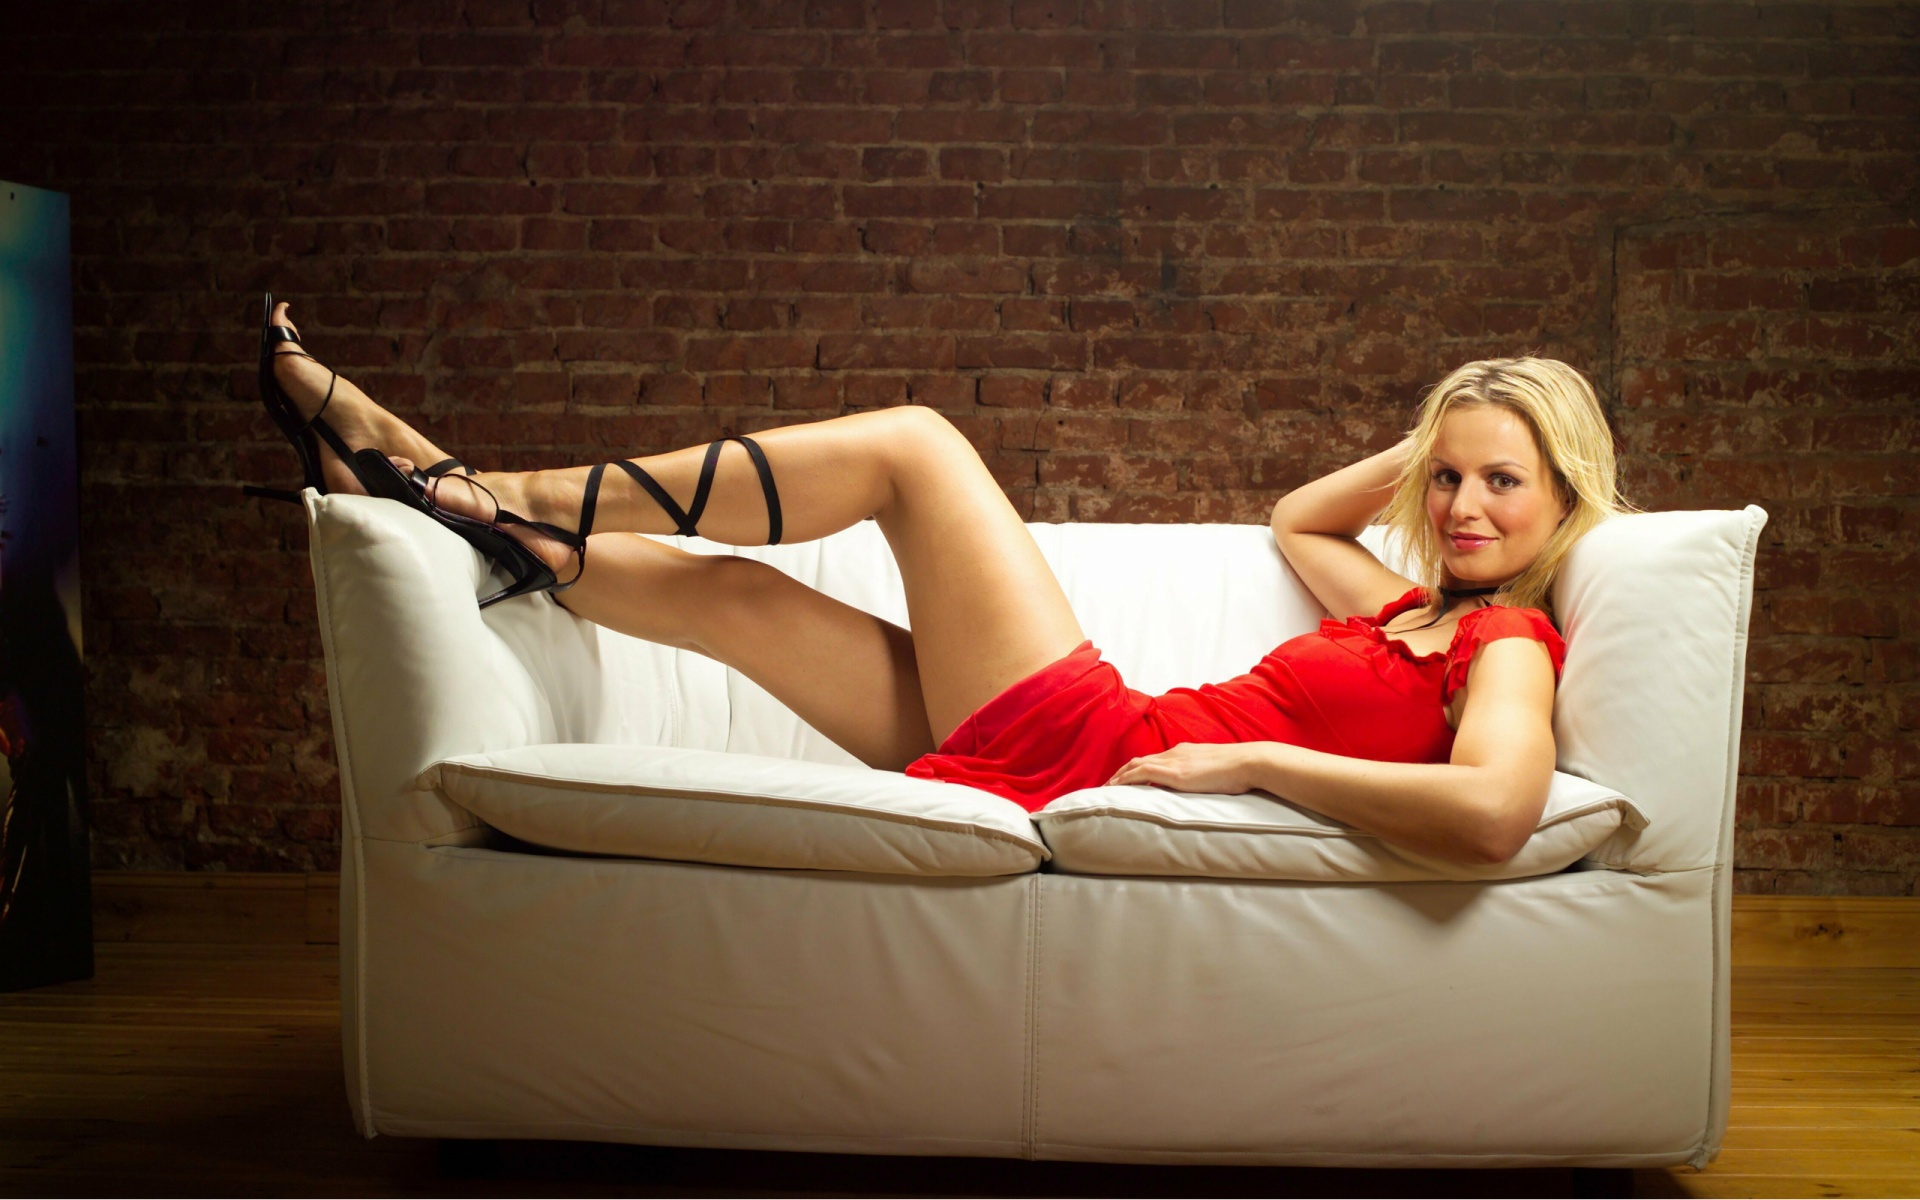 Фото блондинка на белом диване 2 фотография